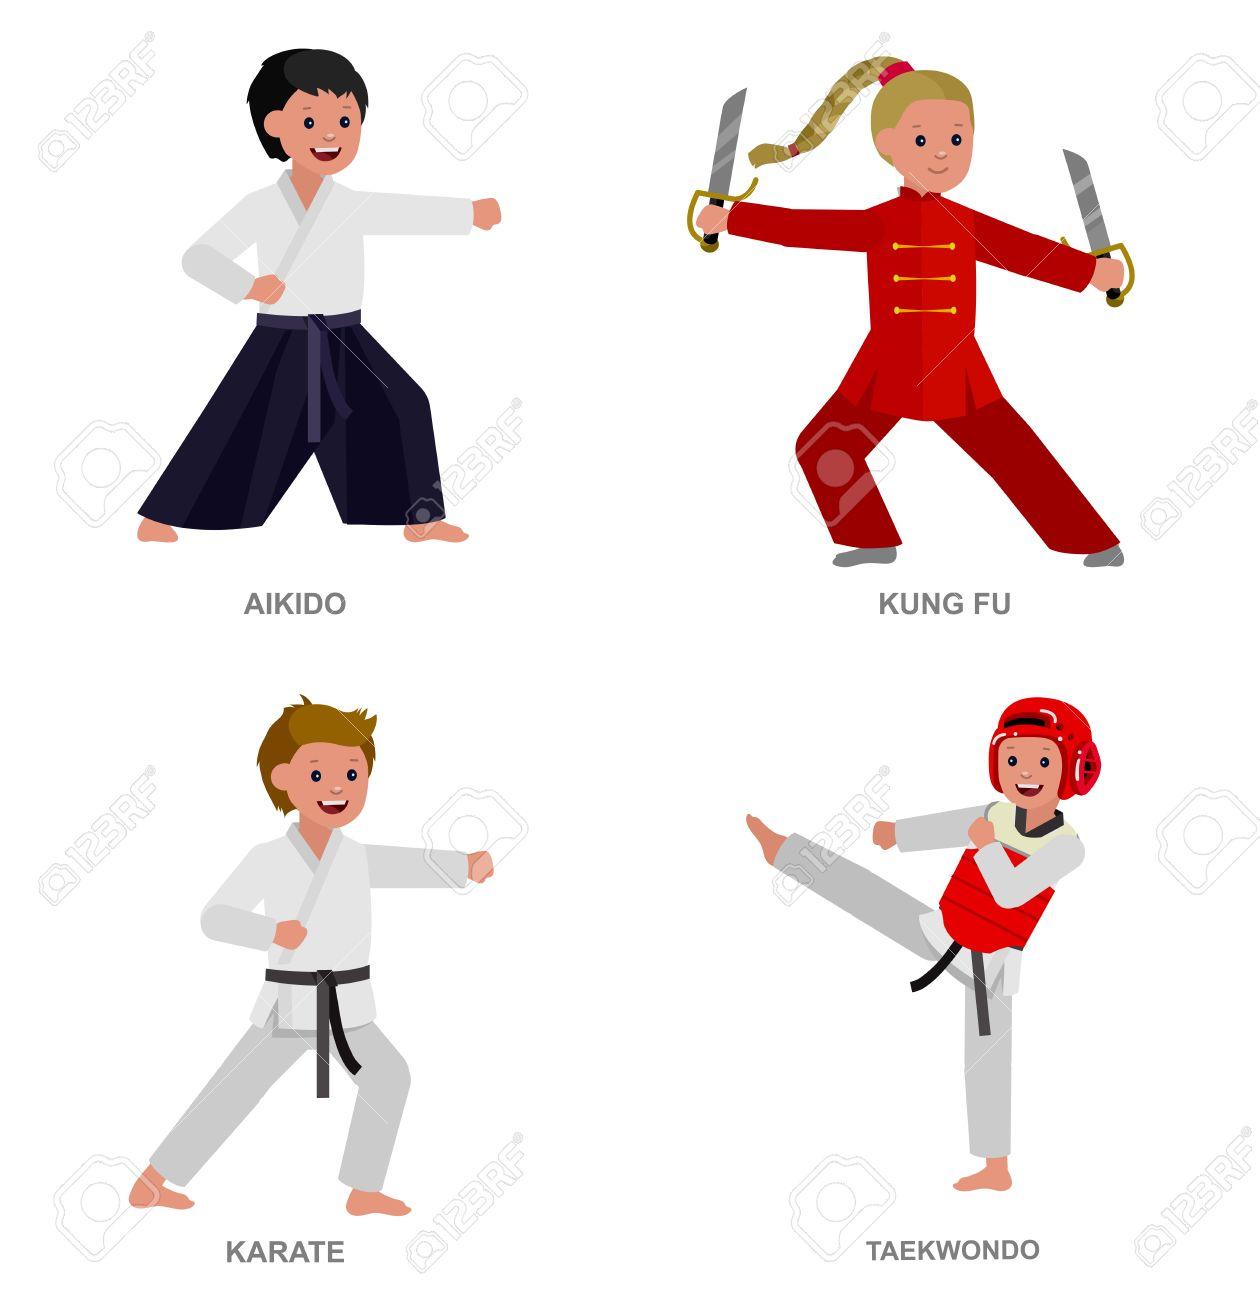 Niño Lindo Del Vector Del Carácter Ilustración Para El Taekwondo Arte Marcial Karate Aikido Kung Fu Niño Que Lleva El Kimono Y Formación Ilustraciones Vectoriales Clip Art Vectorizado Libre De Derechos Image